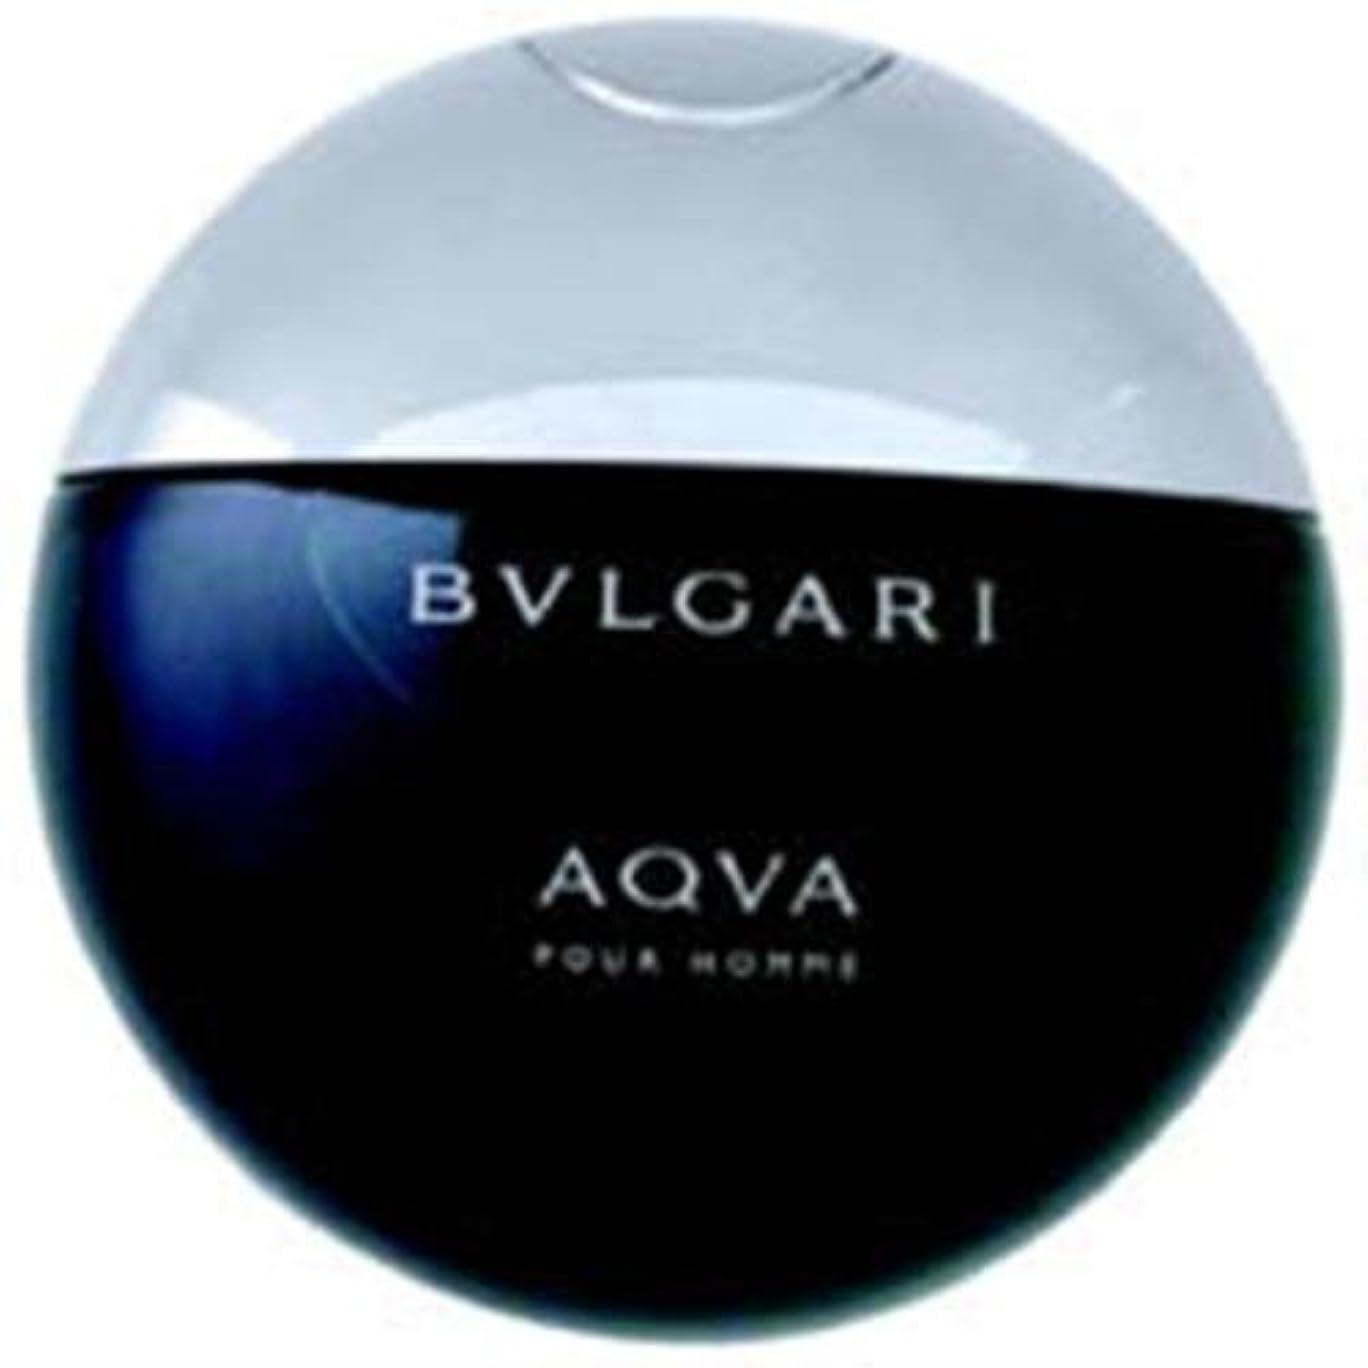 慣習せせらぎ解釈するブルガリ(BVLGARI) アクア プールオム EDT SP 100ml[並行輸入品]